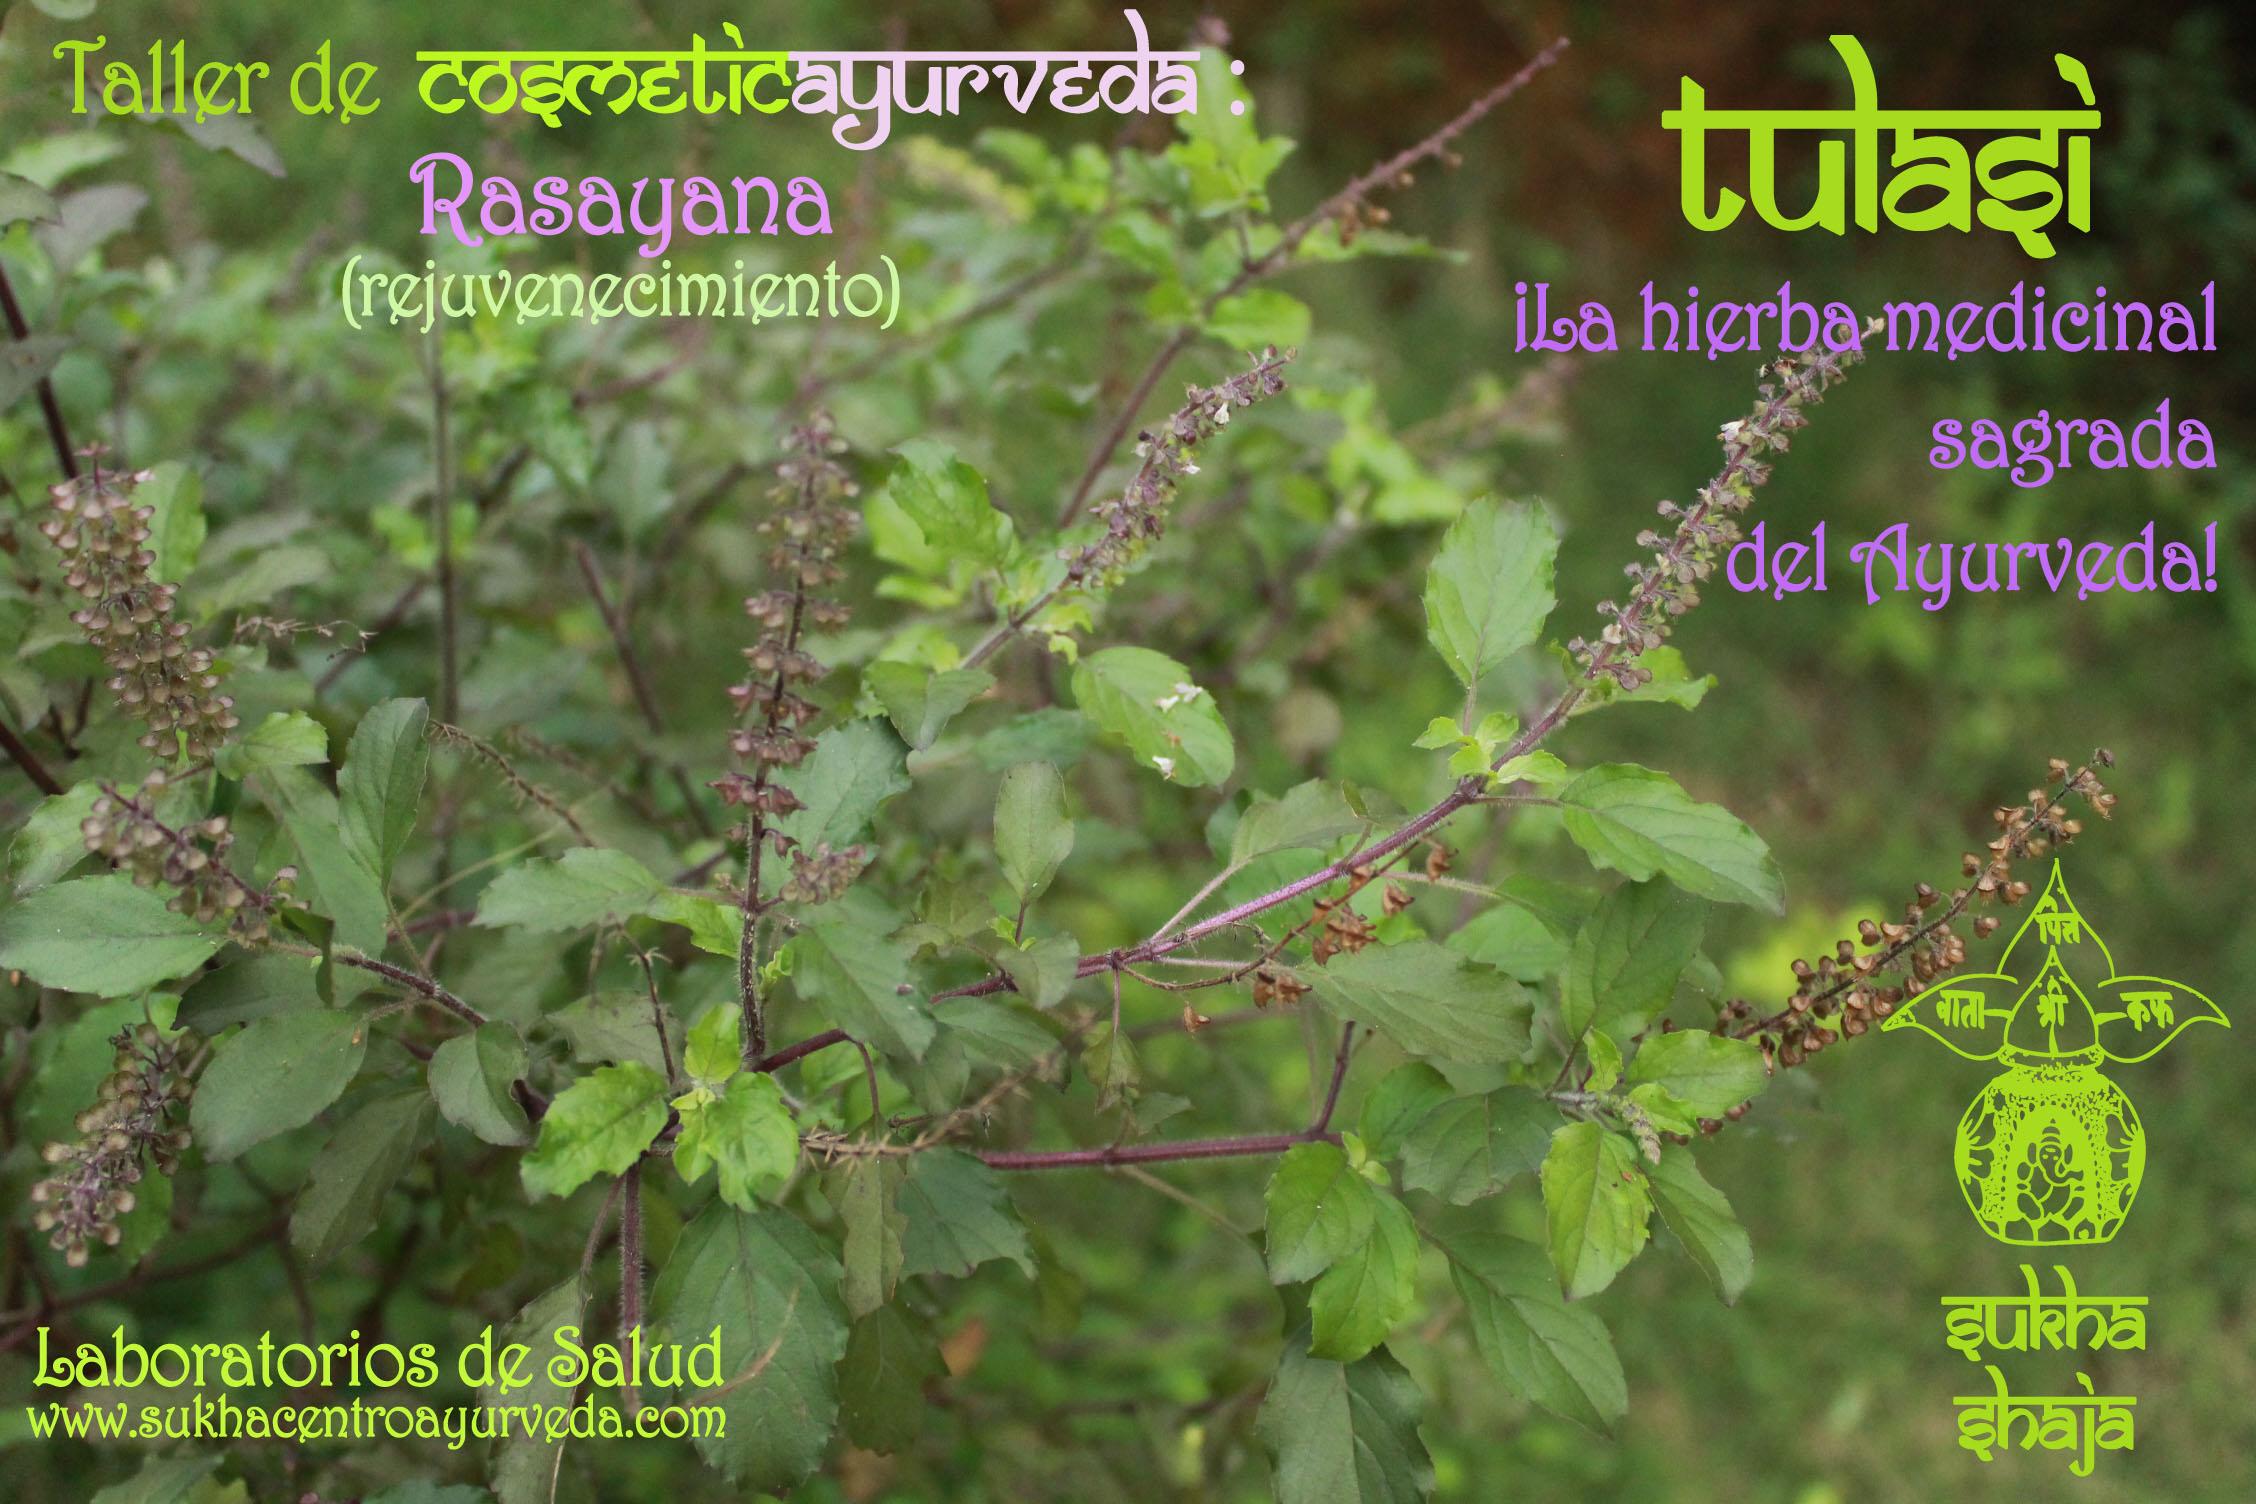 TULASI: ¡La hierba medicinal sagrada del Ayurveda!